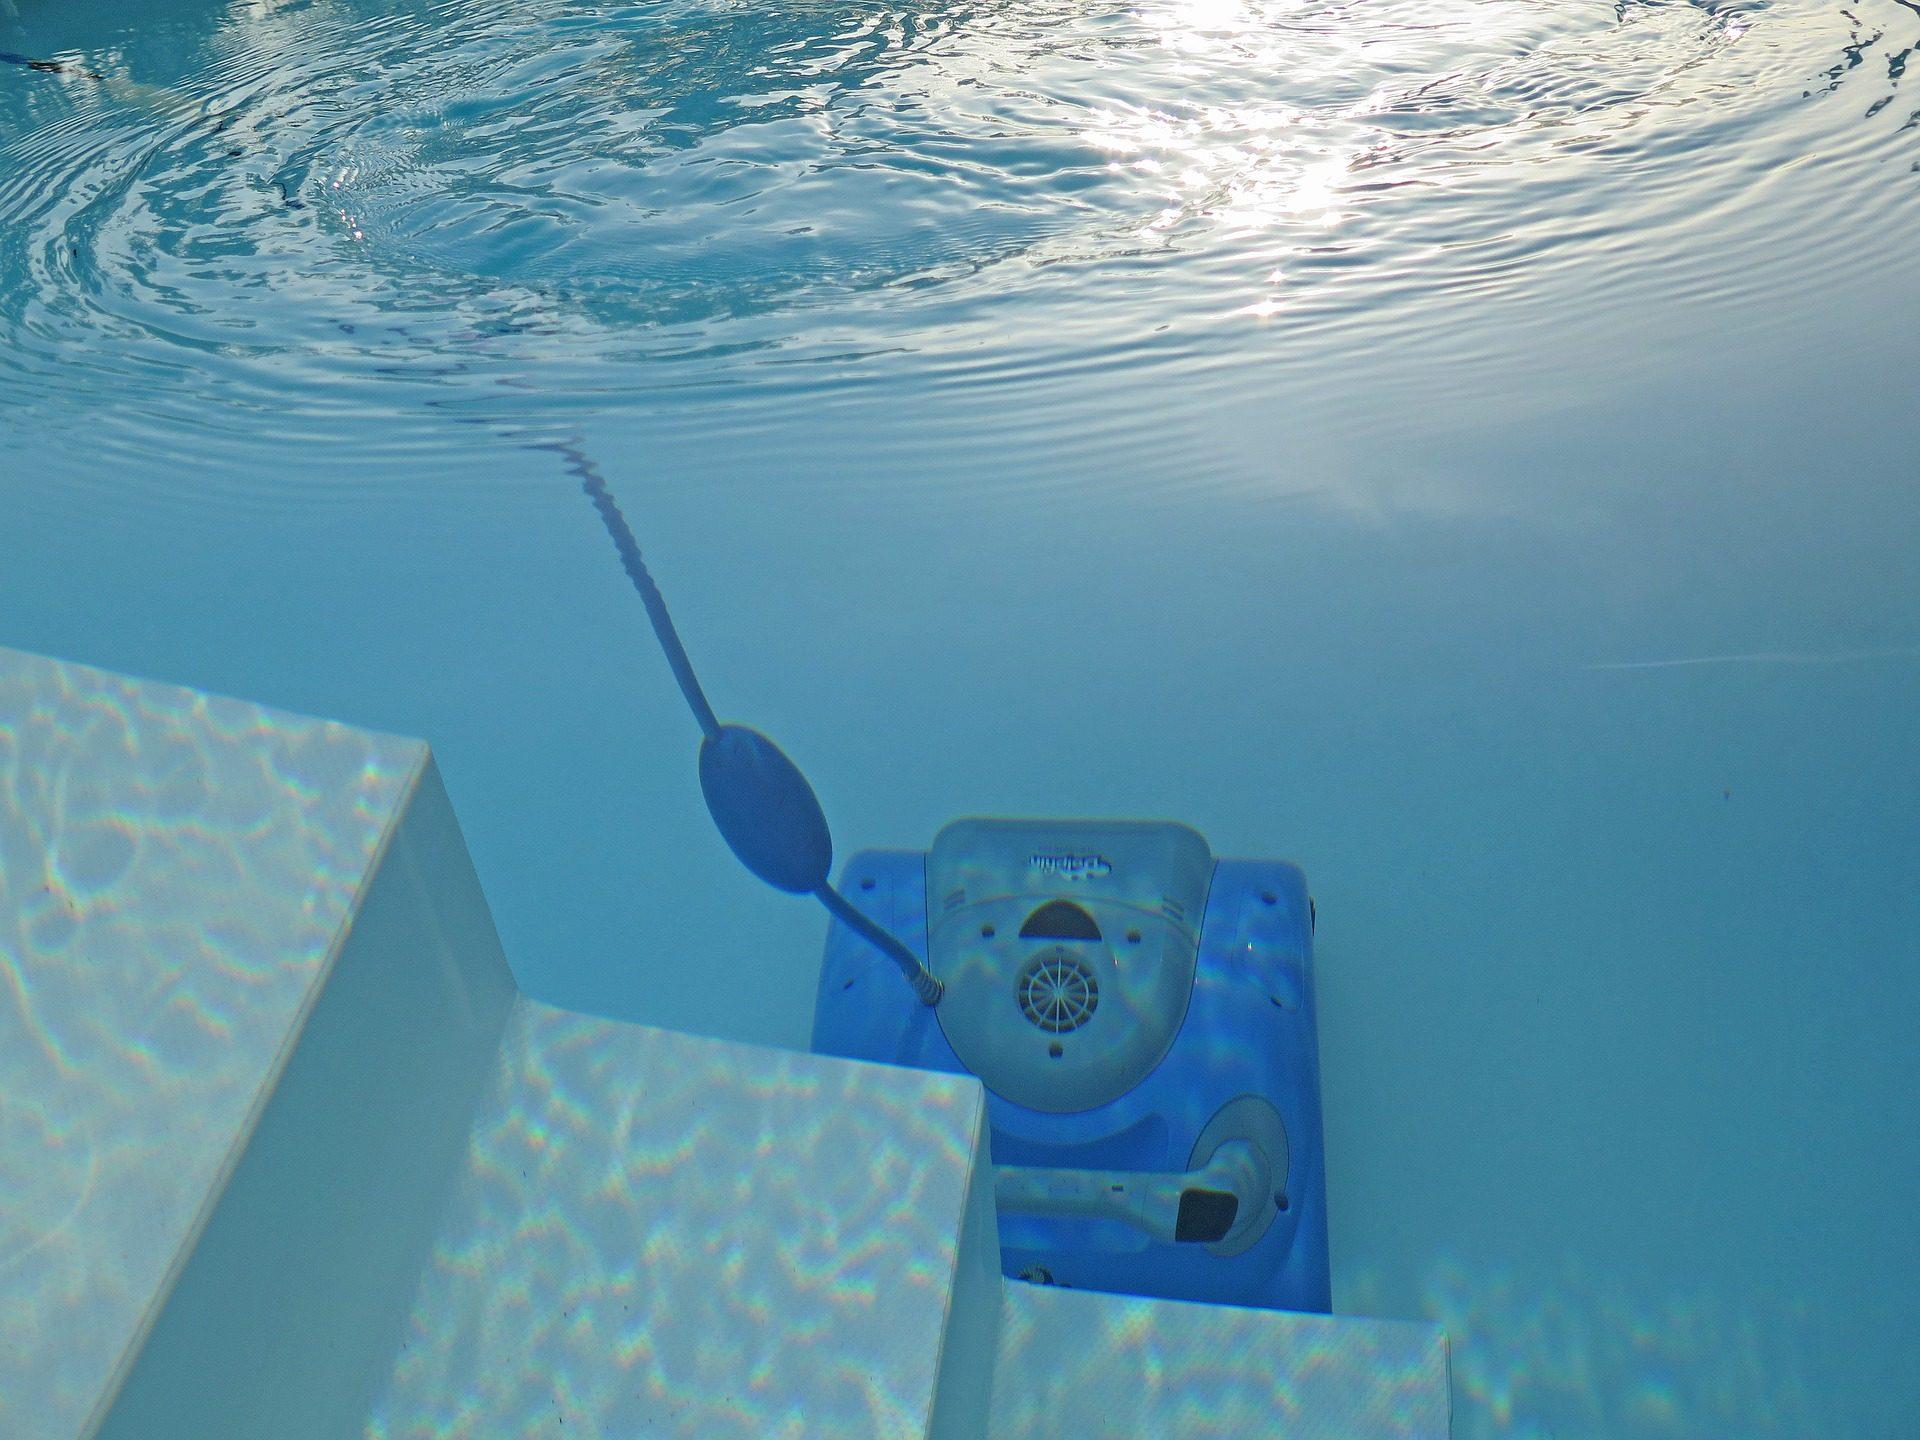 das Bild zeigt einen Dolphin Moby Poolroboter unter Wasser bei der Arbeit